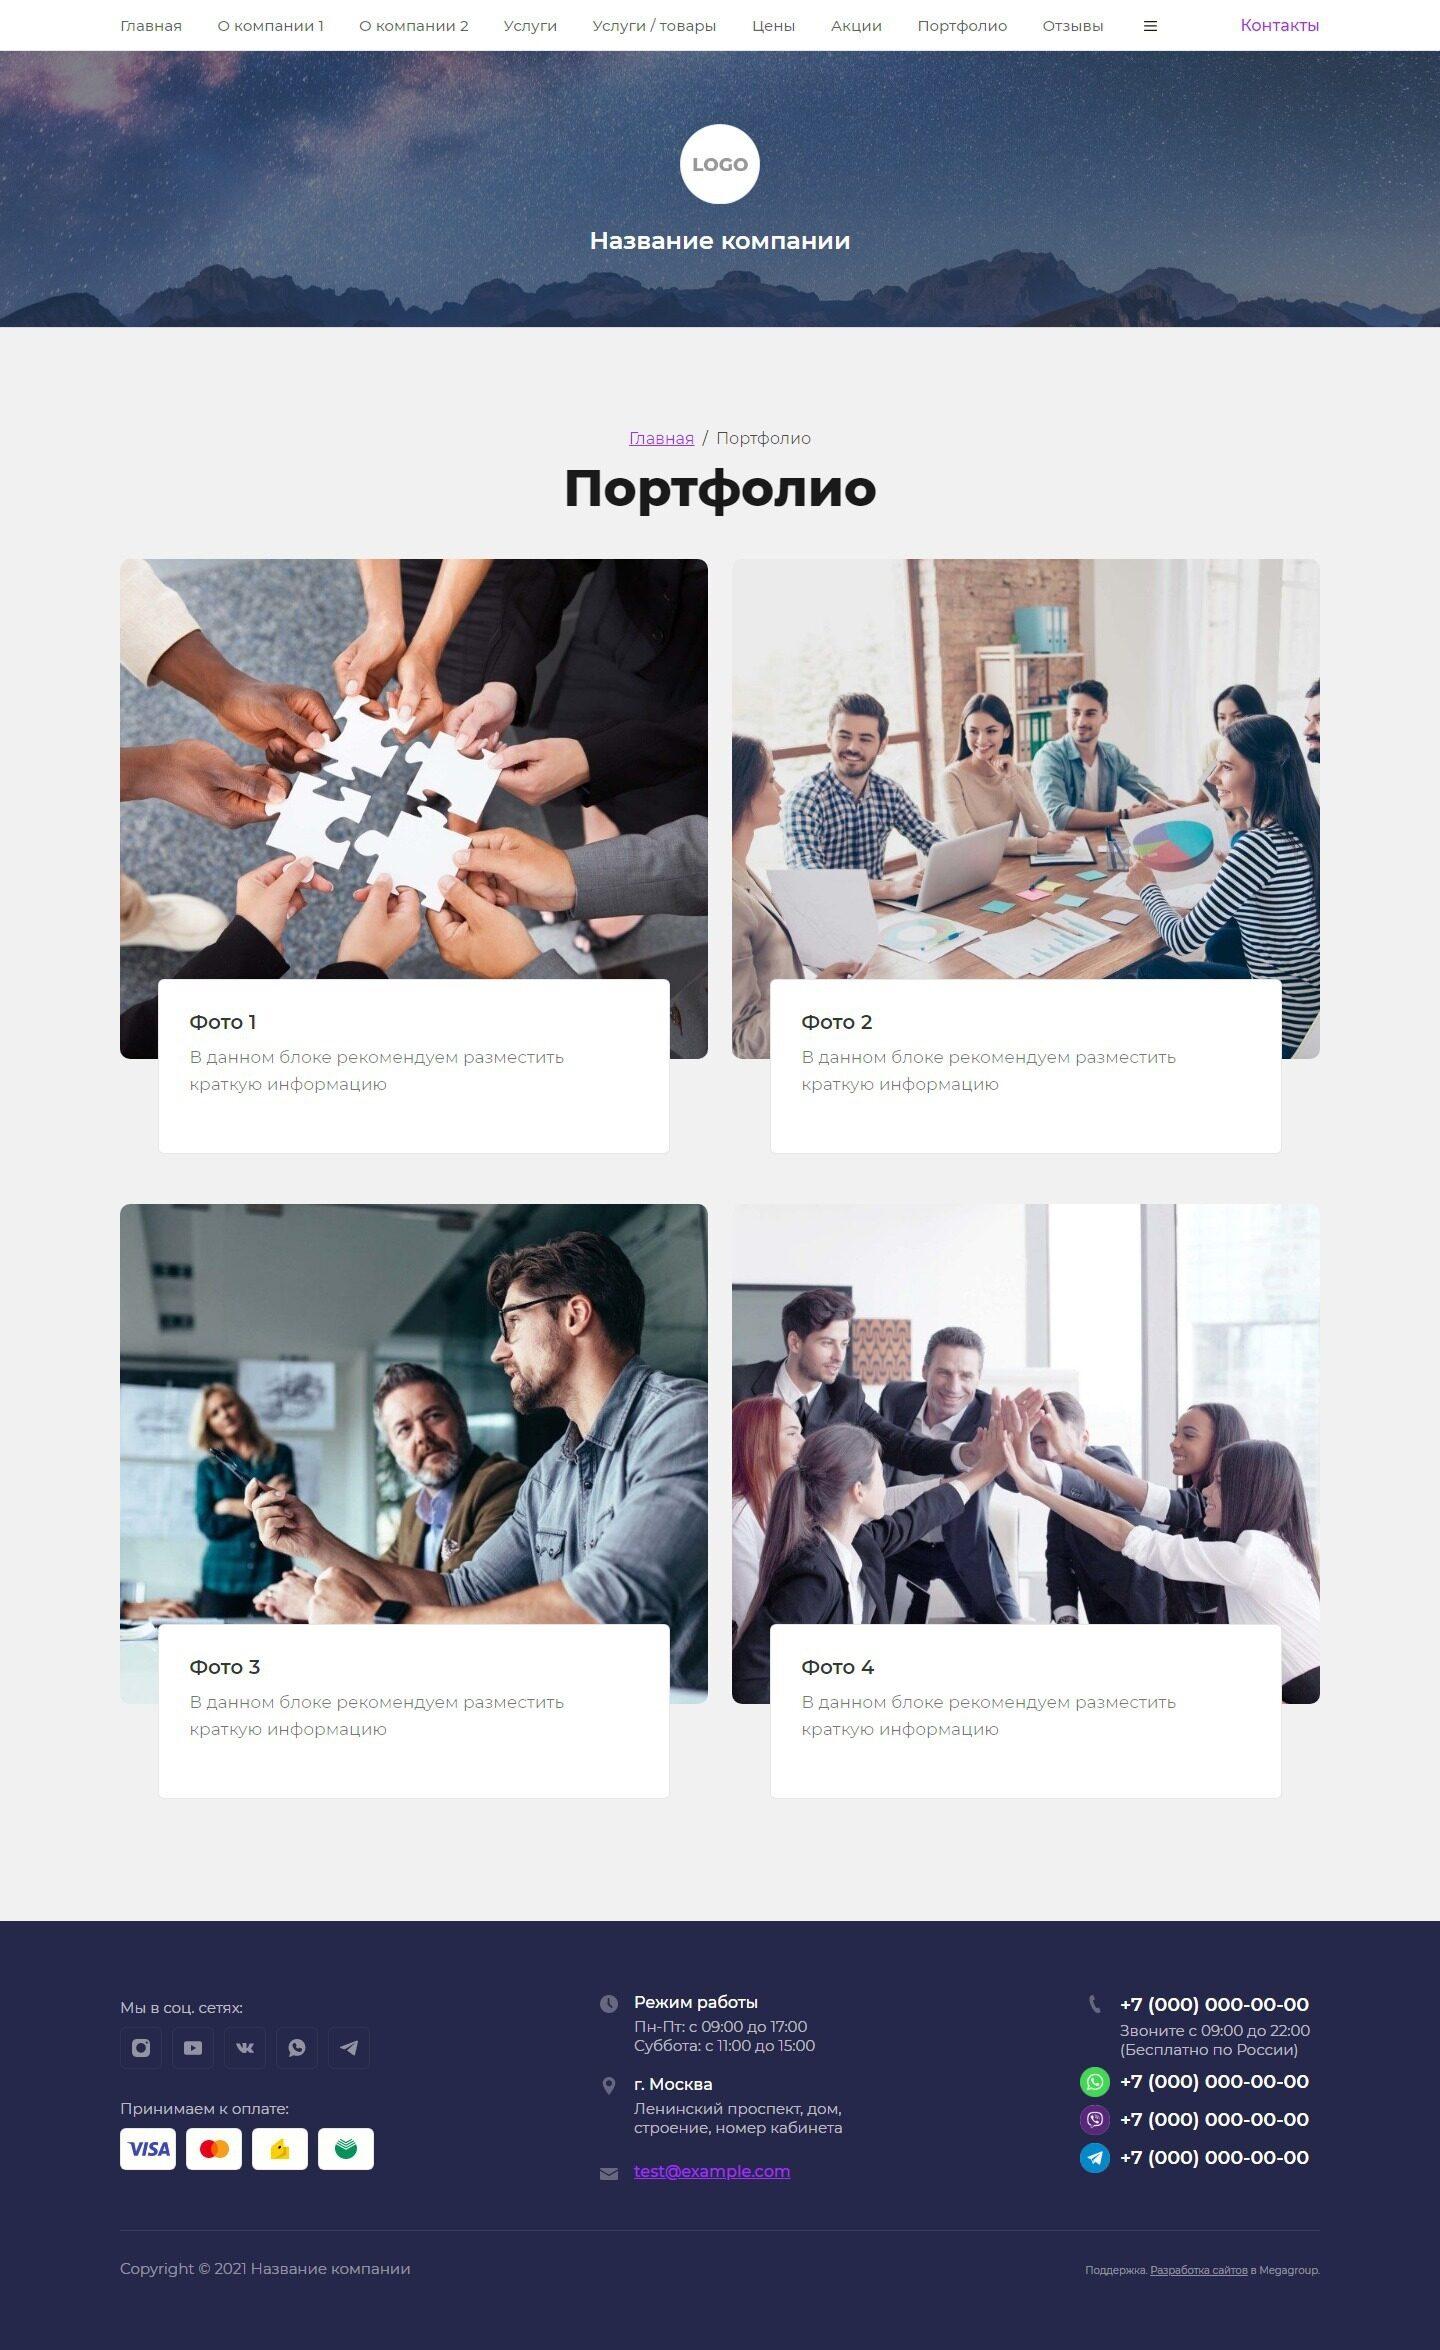 Готовый Сайт-Бизнес #3002427 - Универсальный дизайн (Портфолио)